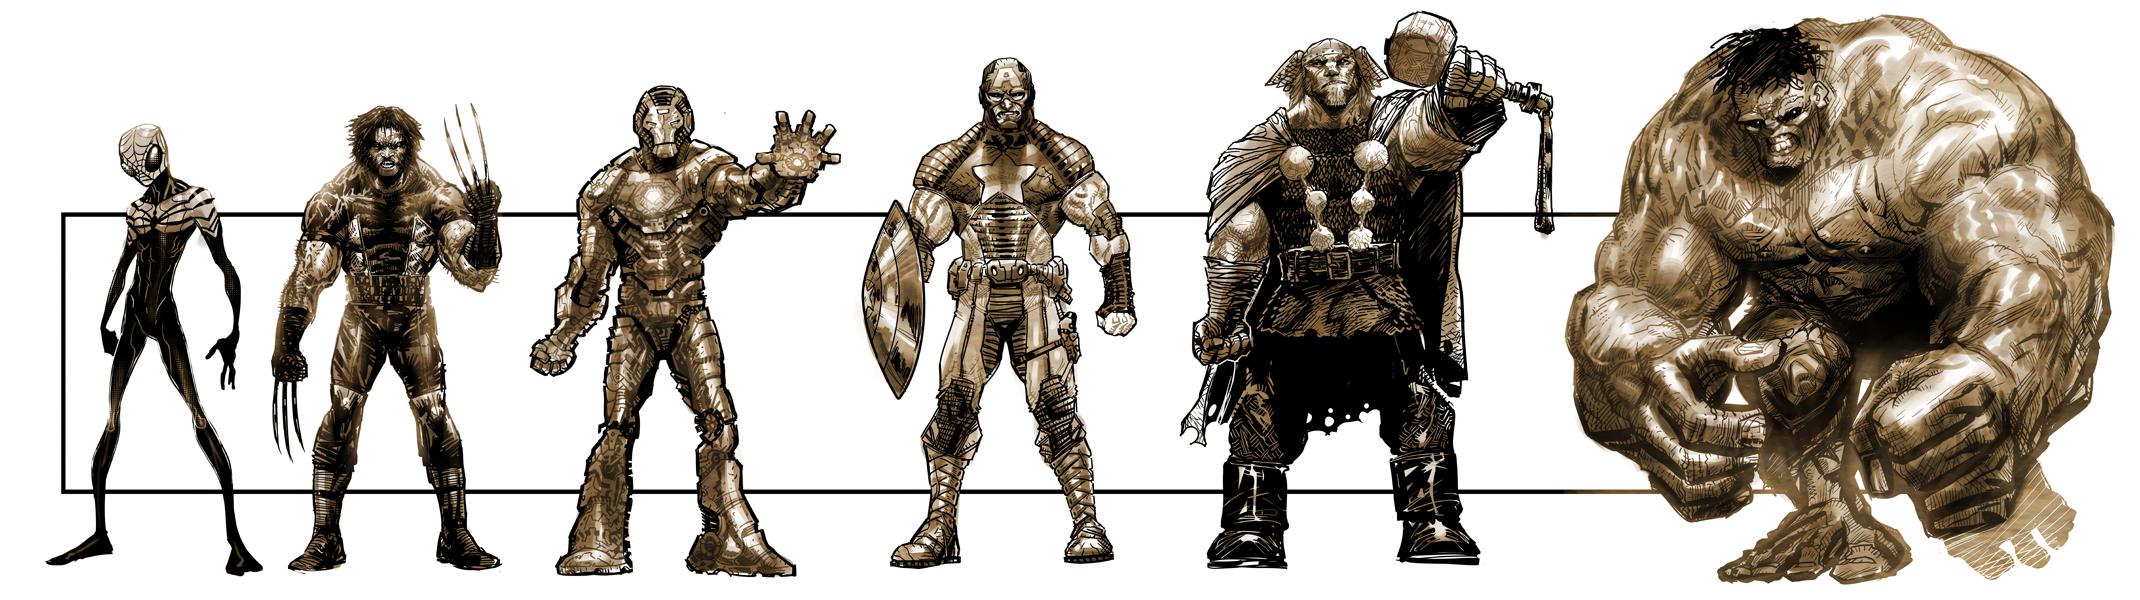 http://fc07.deviantart.net/fs43/f/2009/110/3/4/My_favorite_Avengers____by_artofant.jpg